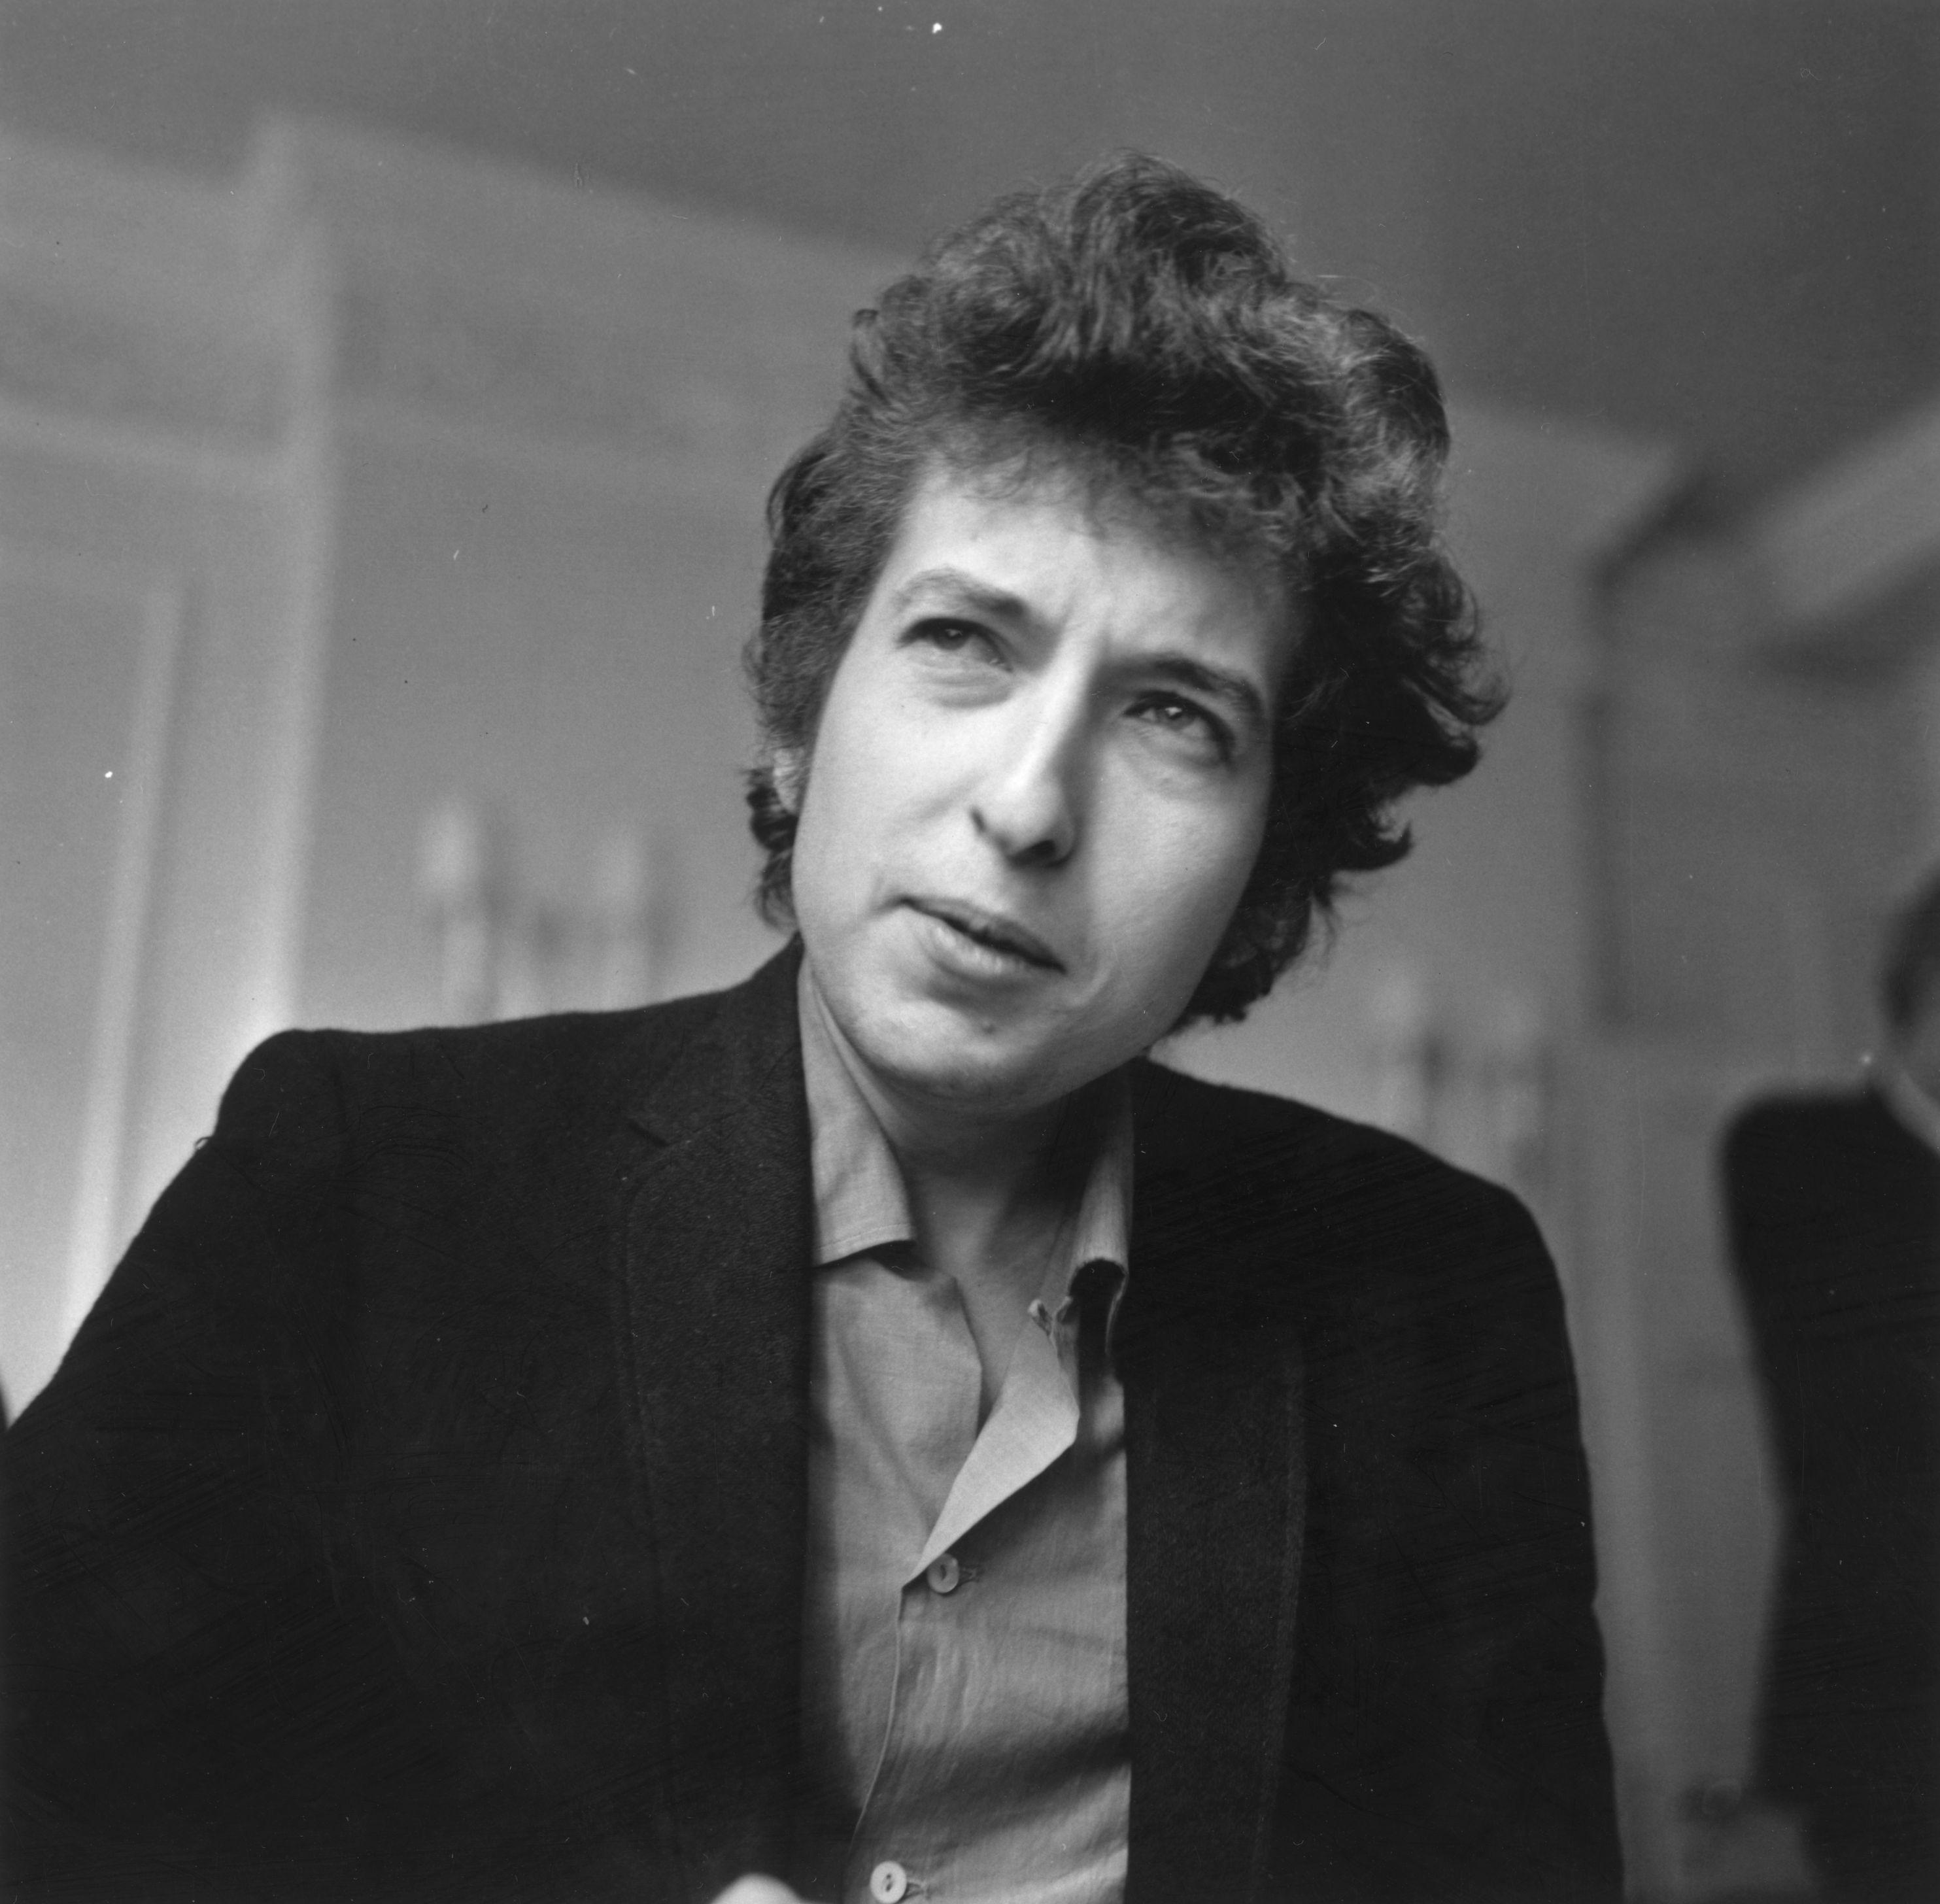 Bob Dylan tijekom intervjua za Evening Standard, 1965. godine